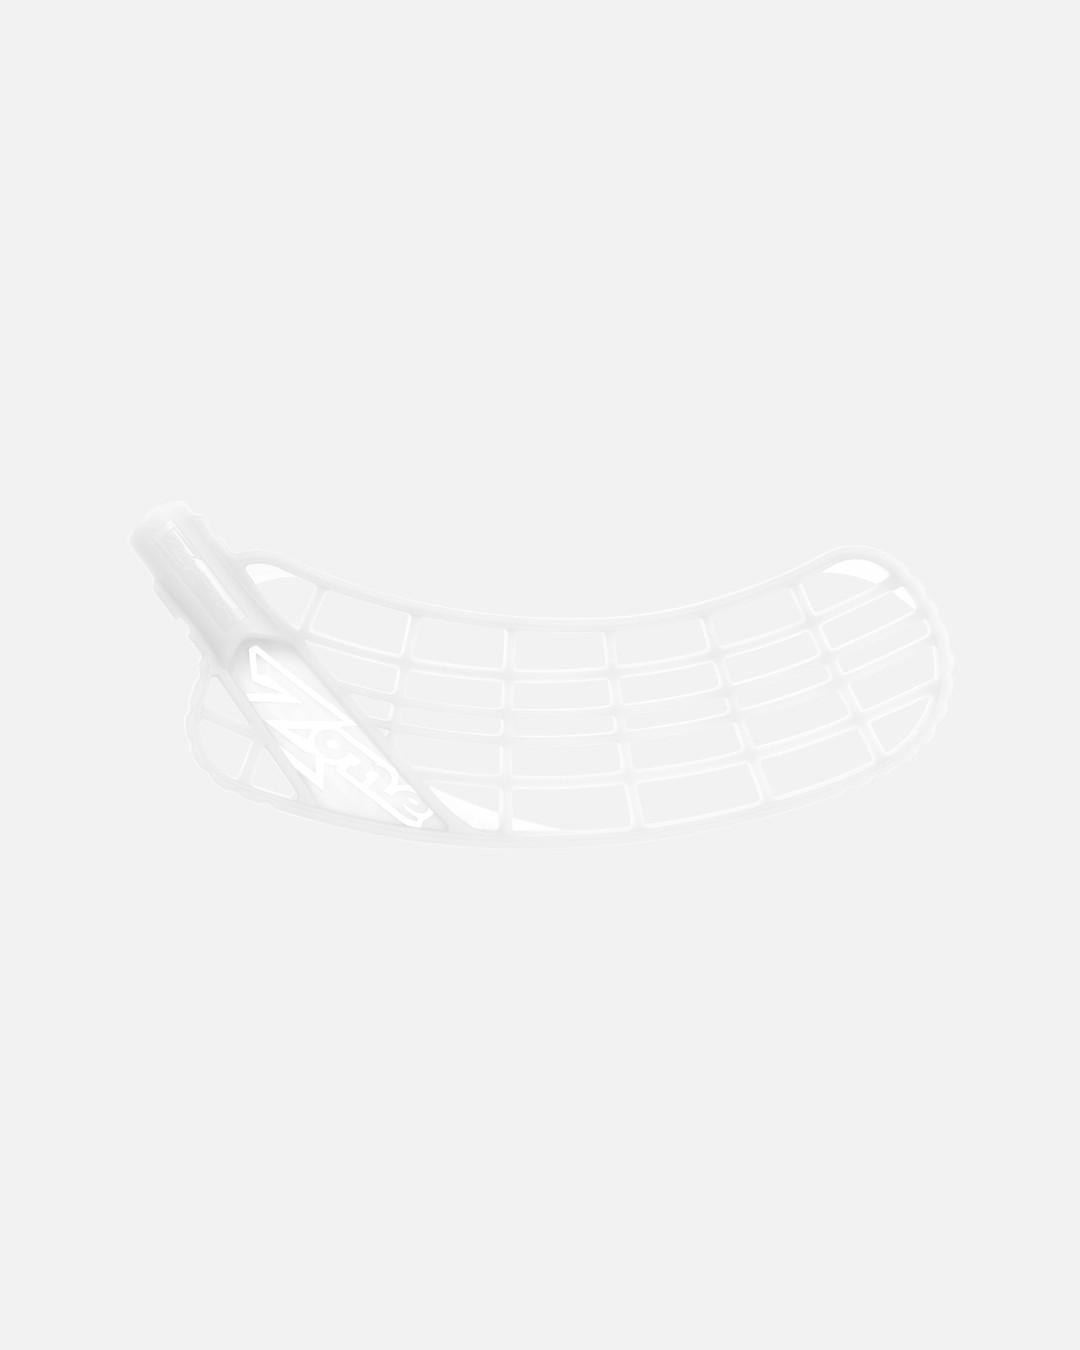 BLADE ZUPER AIR SOFT FEEL (PP) ICE WHITE